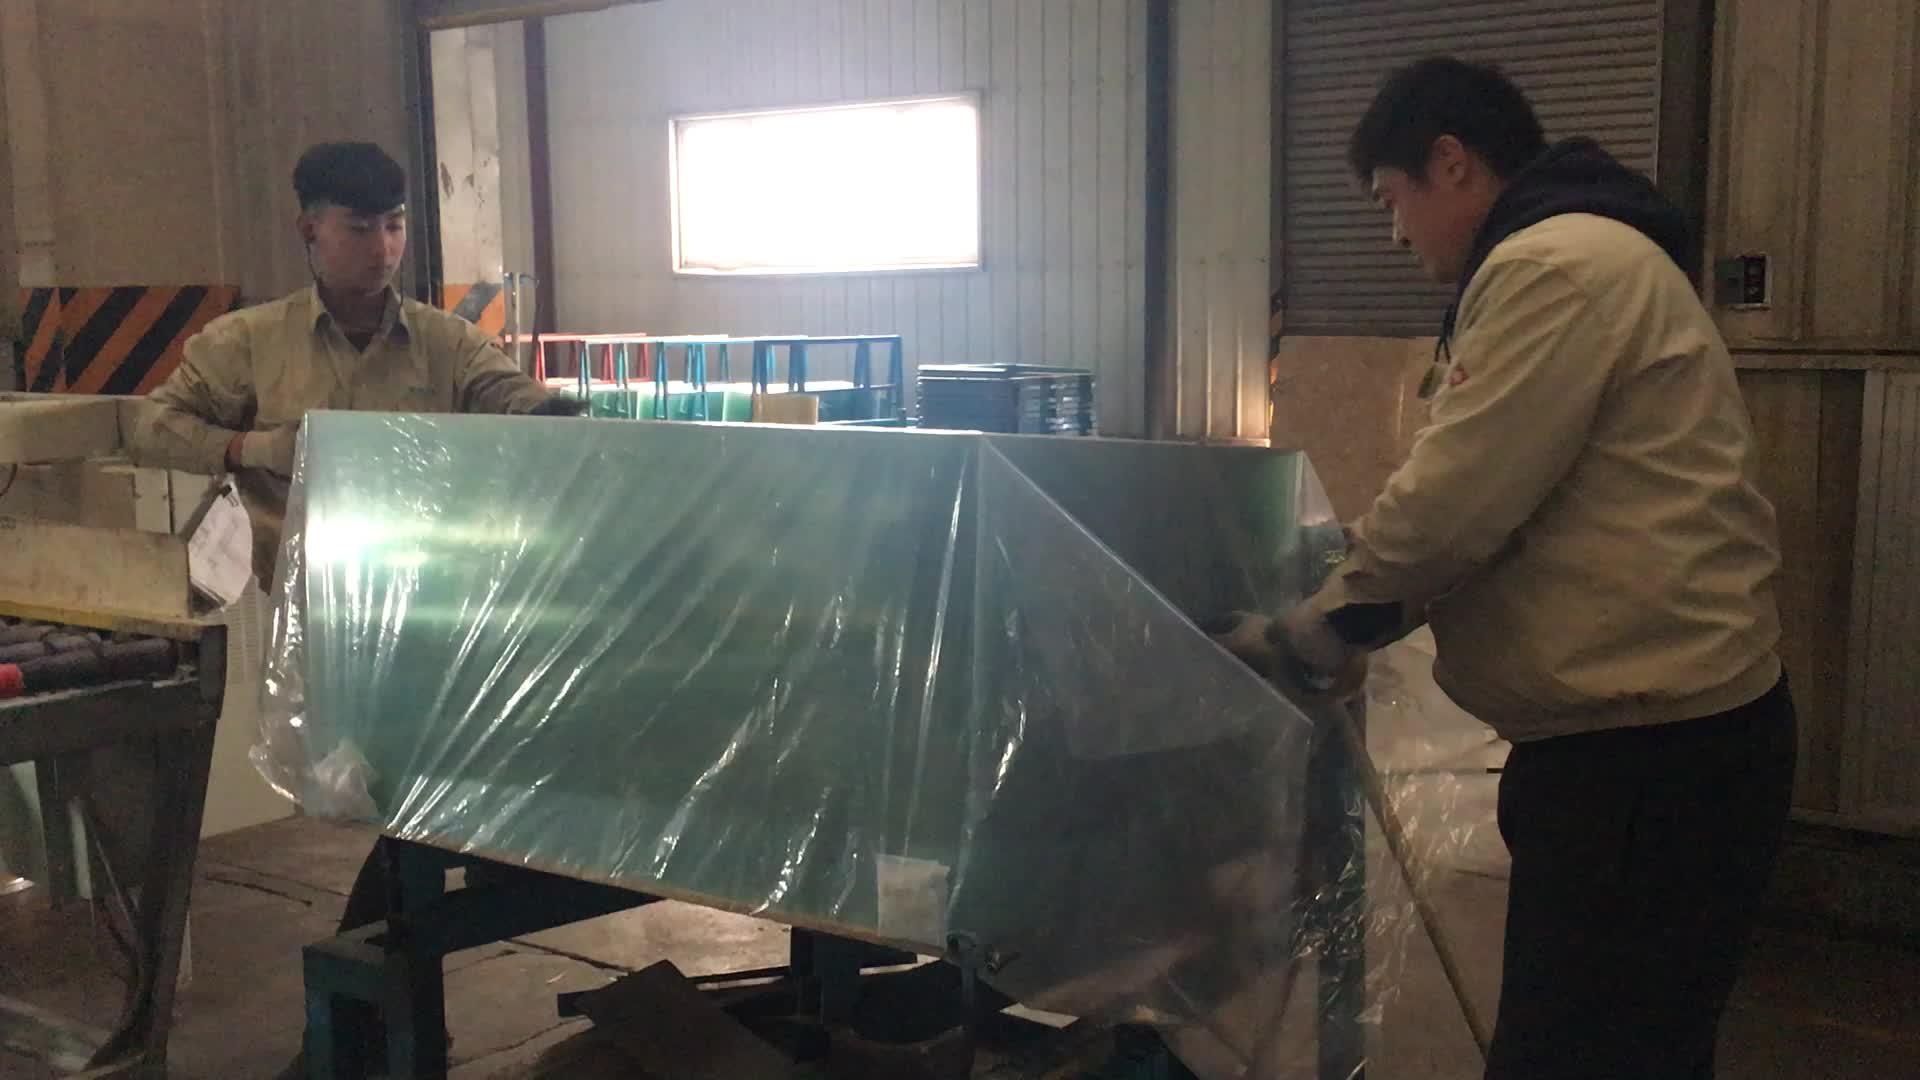 أفضل سعر المواد الخام خفف 4 ملليمتر 8 ملليمتر 9A اتحاد الجغرافي الدولي بناء الزجاج جوفاء